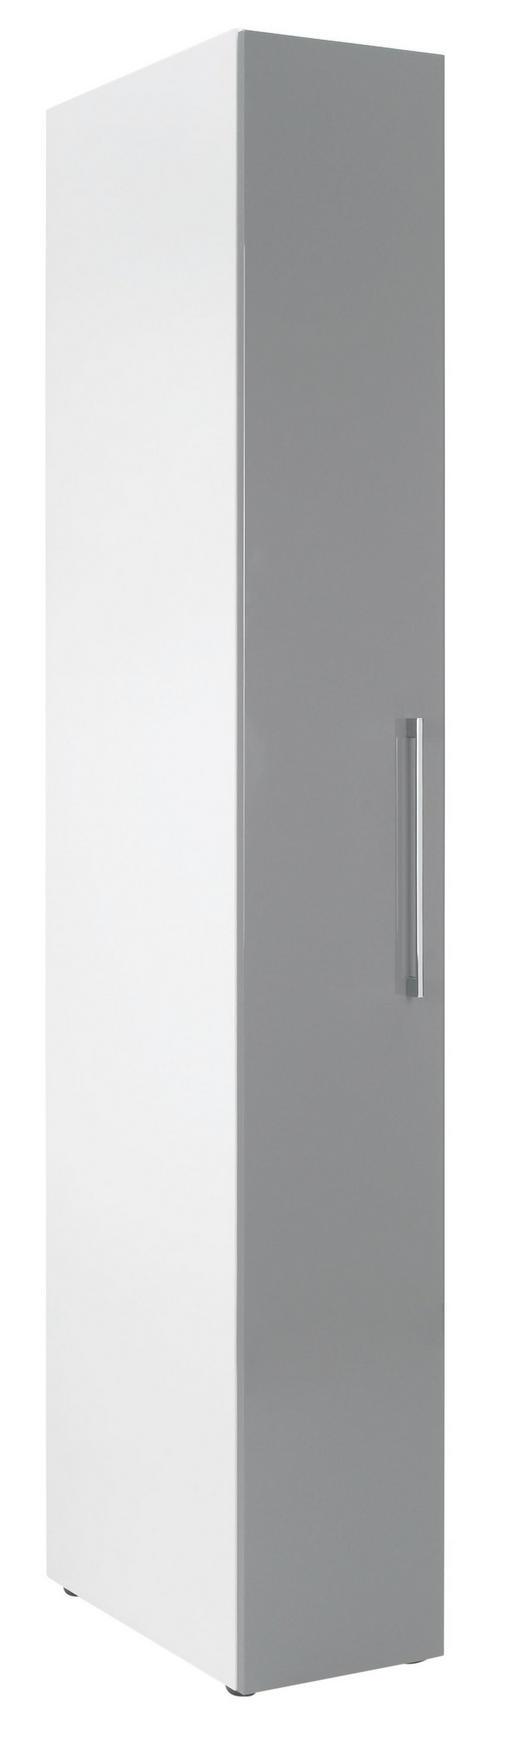 KLEIDERSCHRANK in Grau, Weiß - Chromfarben/Weiß, KONVENTIONELL, Holzwerkstoff/Metall (30/208/57cm) - Welnova